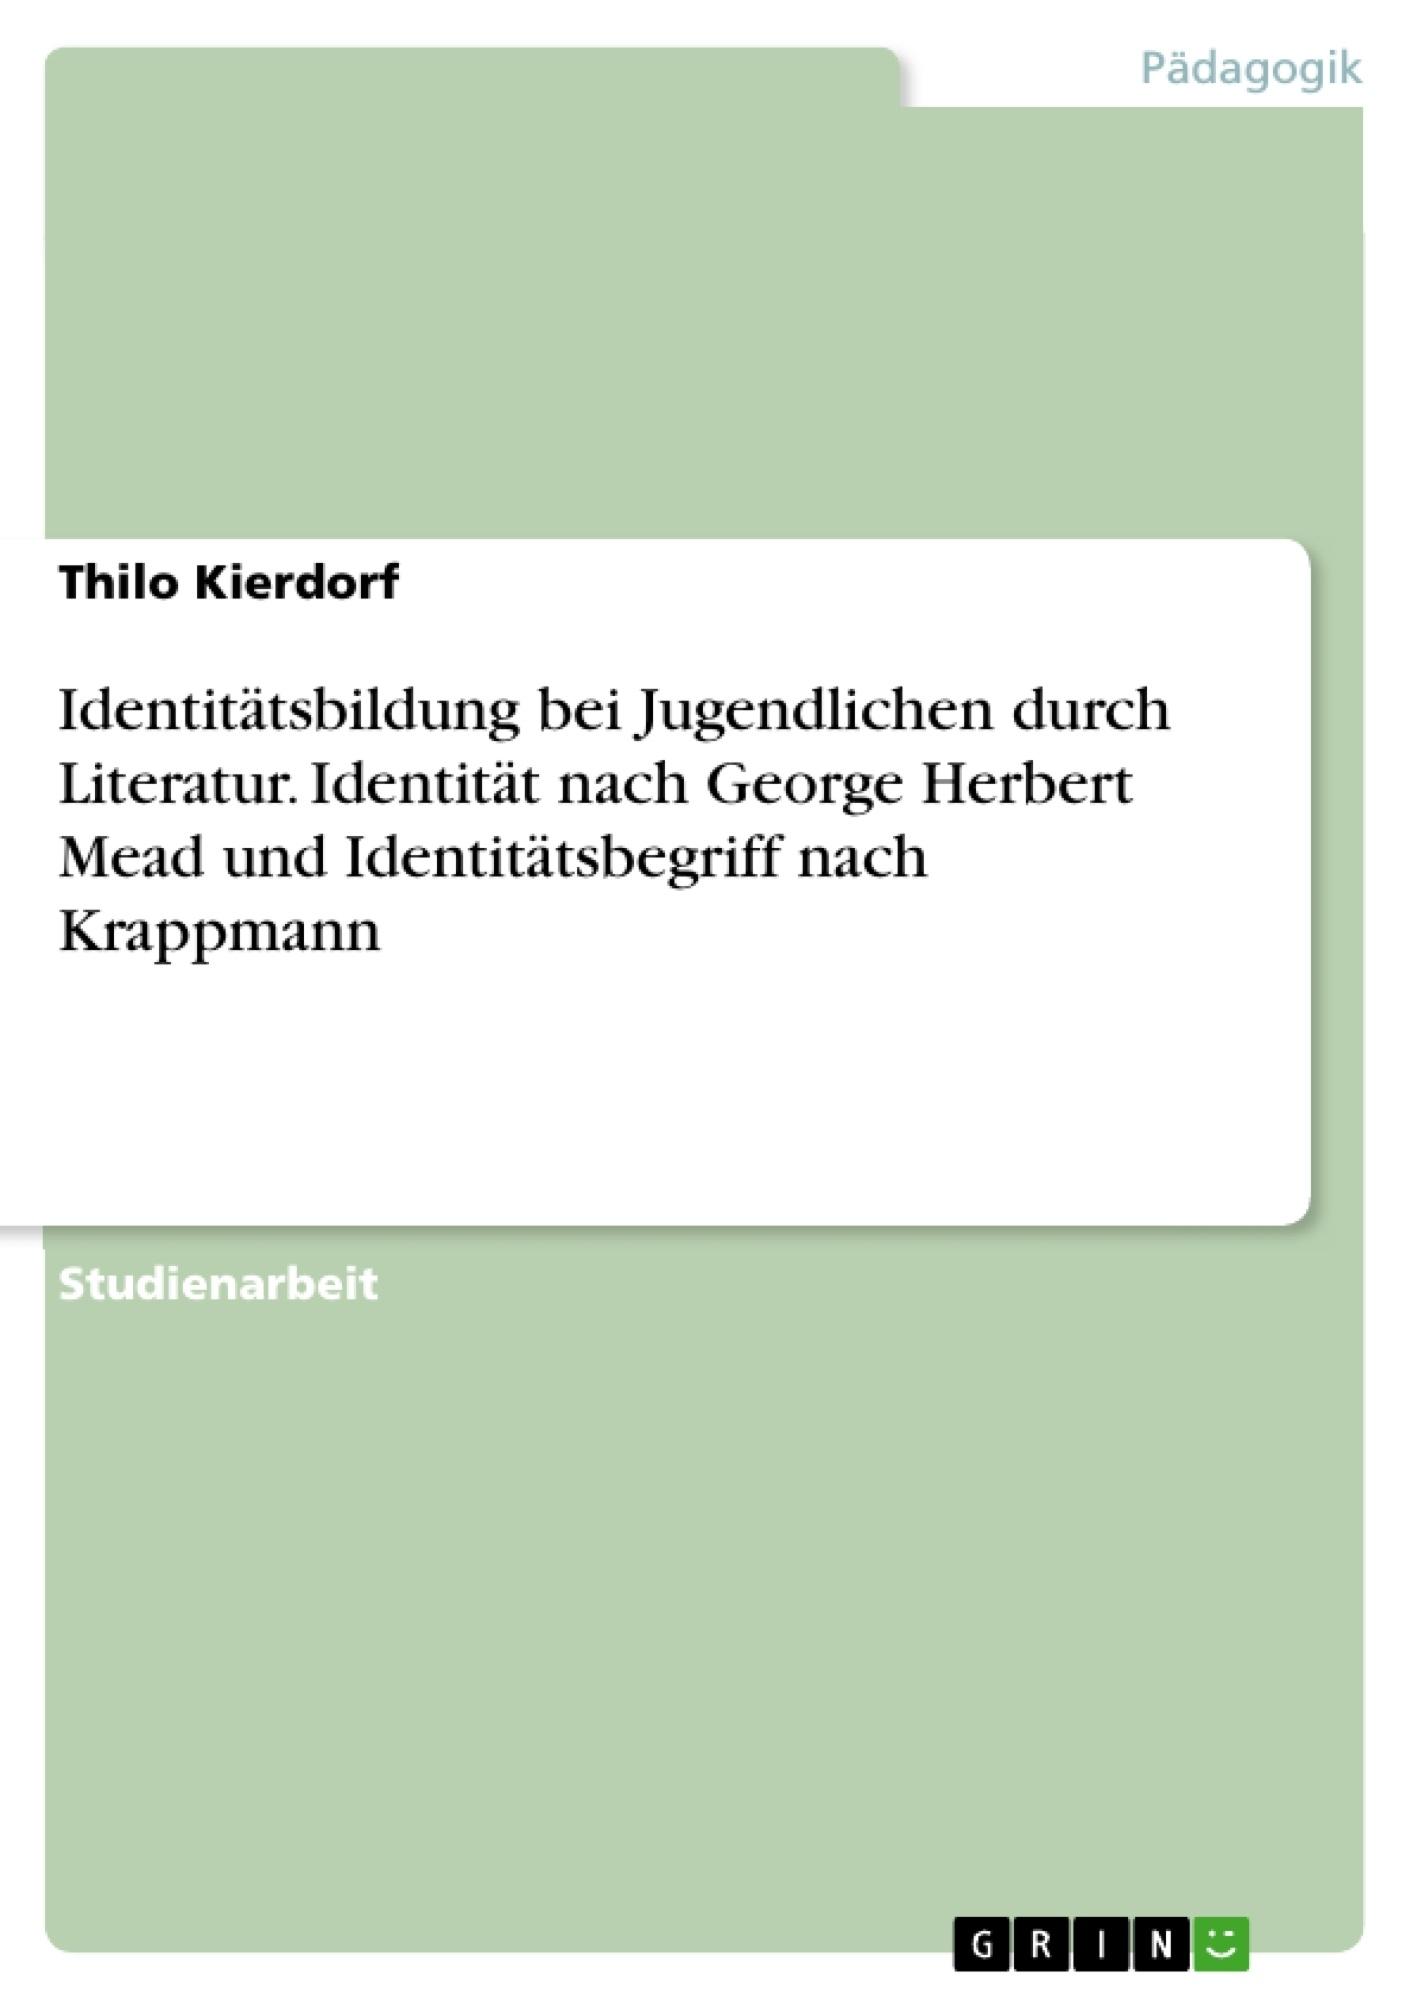 Titel: Identitätsbildung bei Jugendlichen durch Literatur. Identität nach George Herbert Mead und Identitätsbegriff nach Krappmann